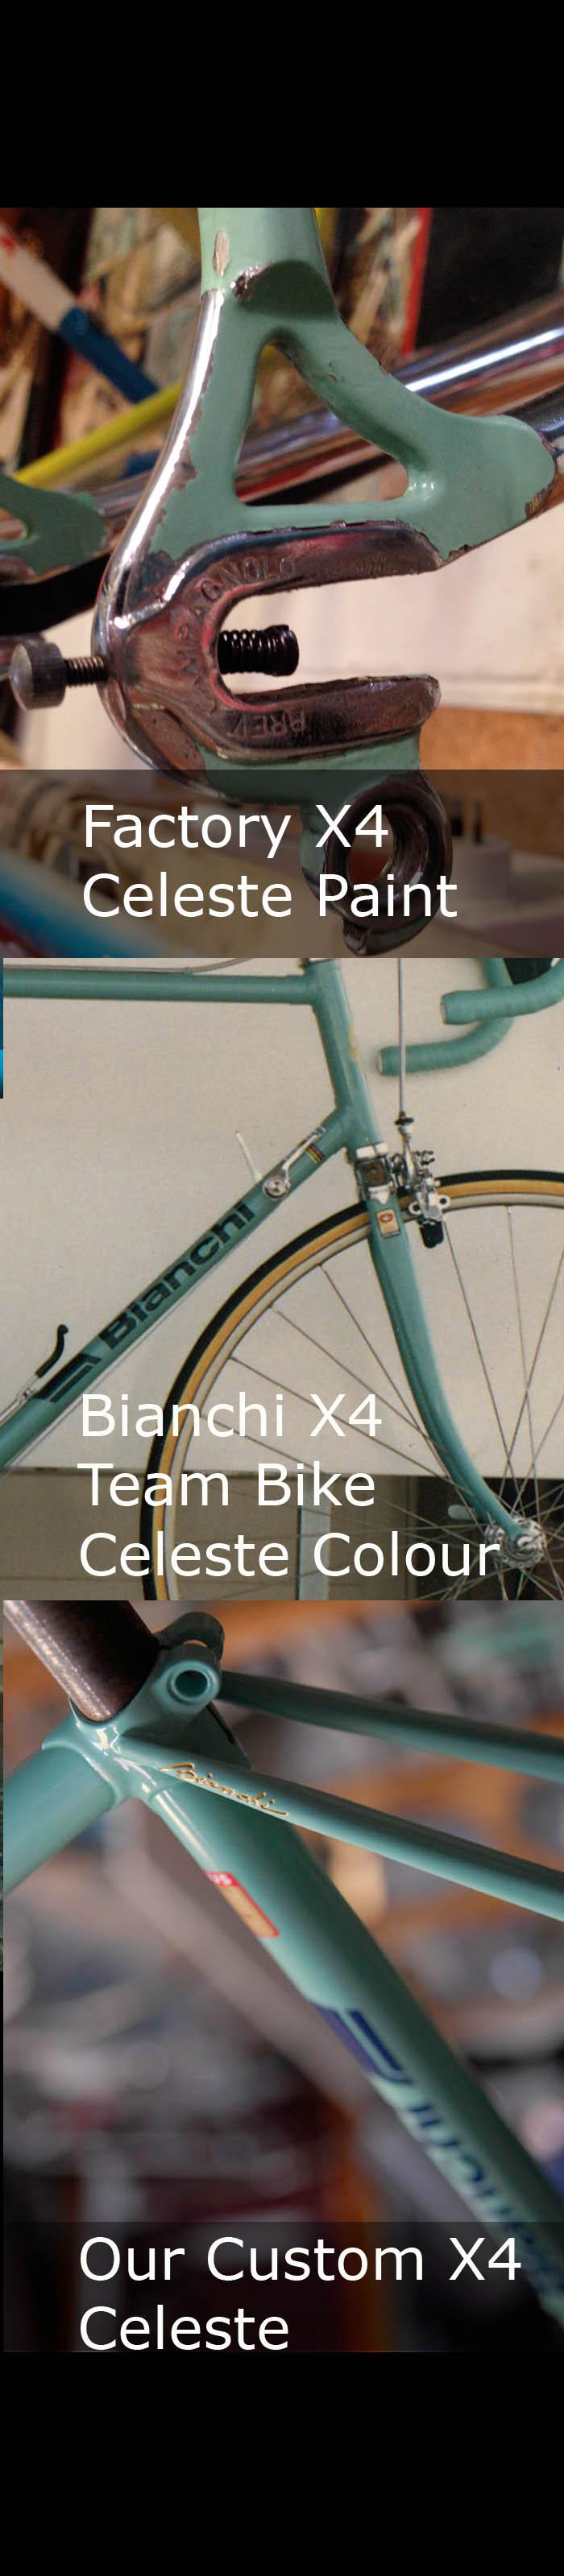 Bianchi X4 Celeste Colour Match